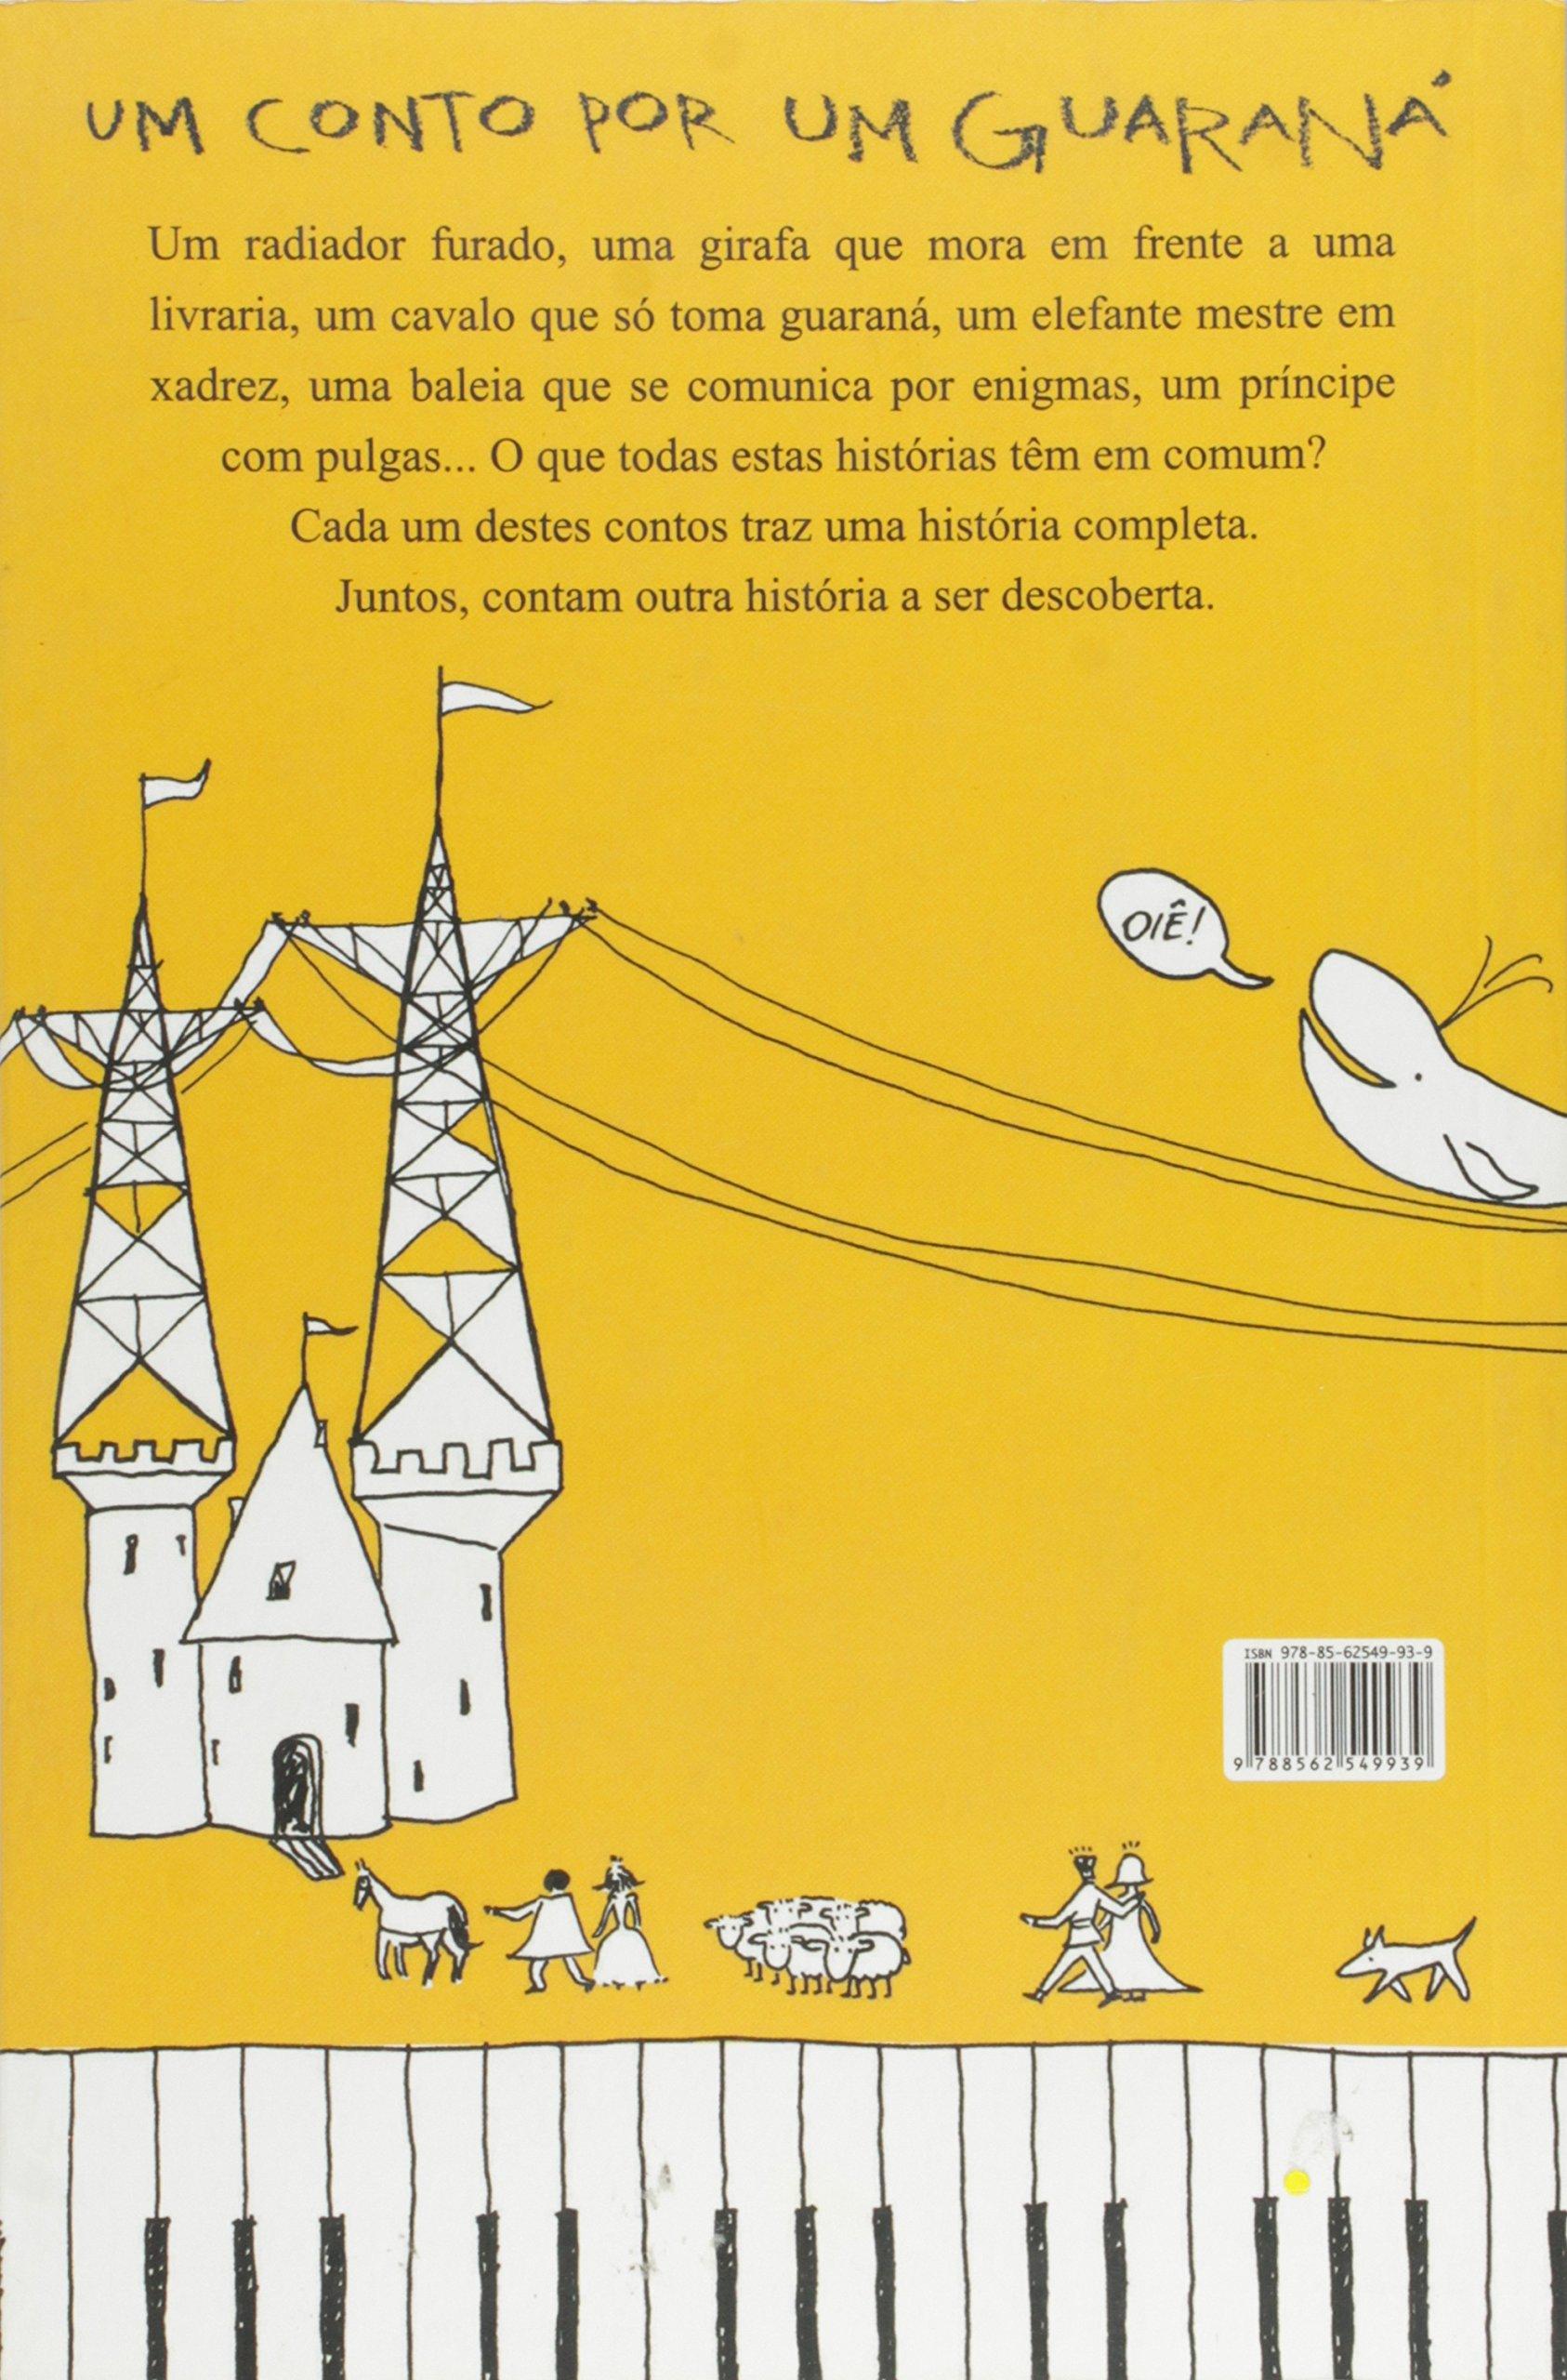 Um Conto por Um Guaraná: Fernando A. Pires: 9788562549939: Amazon.com: Books